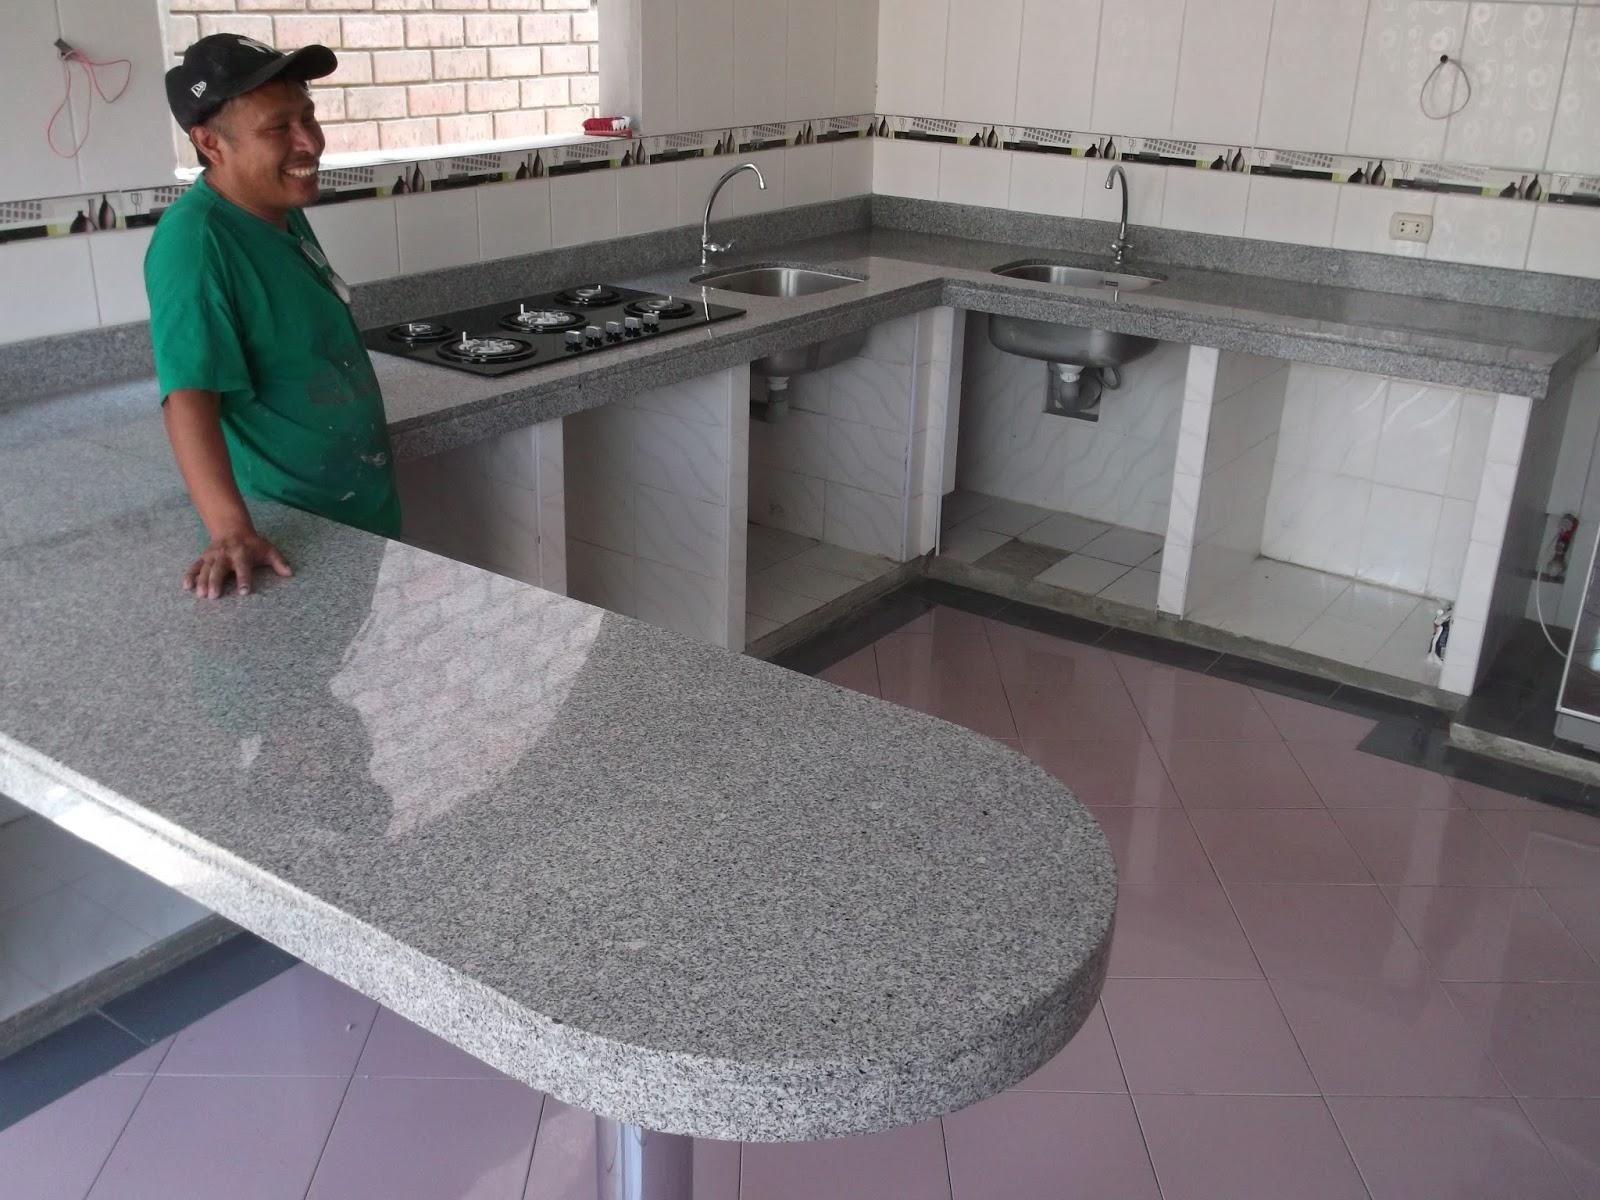 Piedra de marmol para cocina materiales de construcci n for Materiales para mesones de cocina